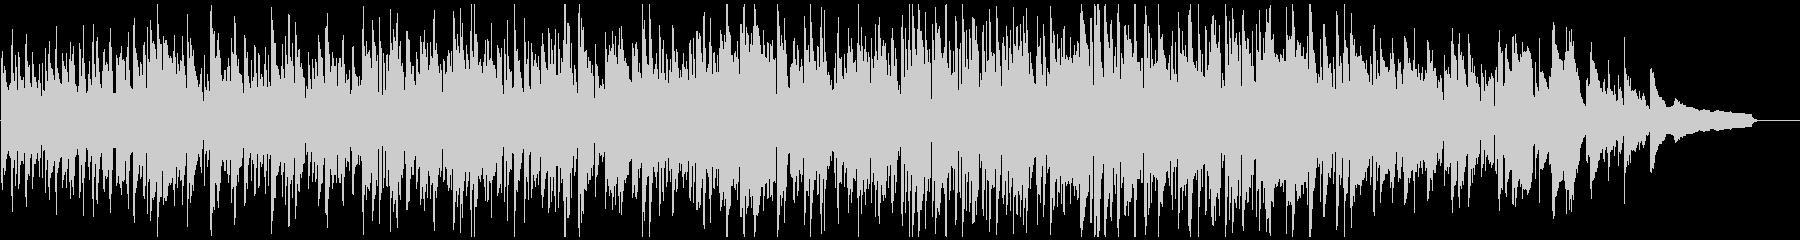 メロディアスで穏やかなボサノバ・ジャズの未再生の波形